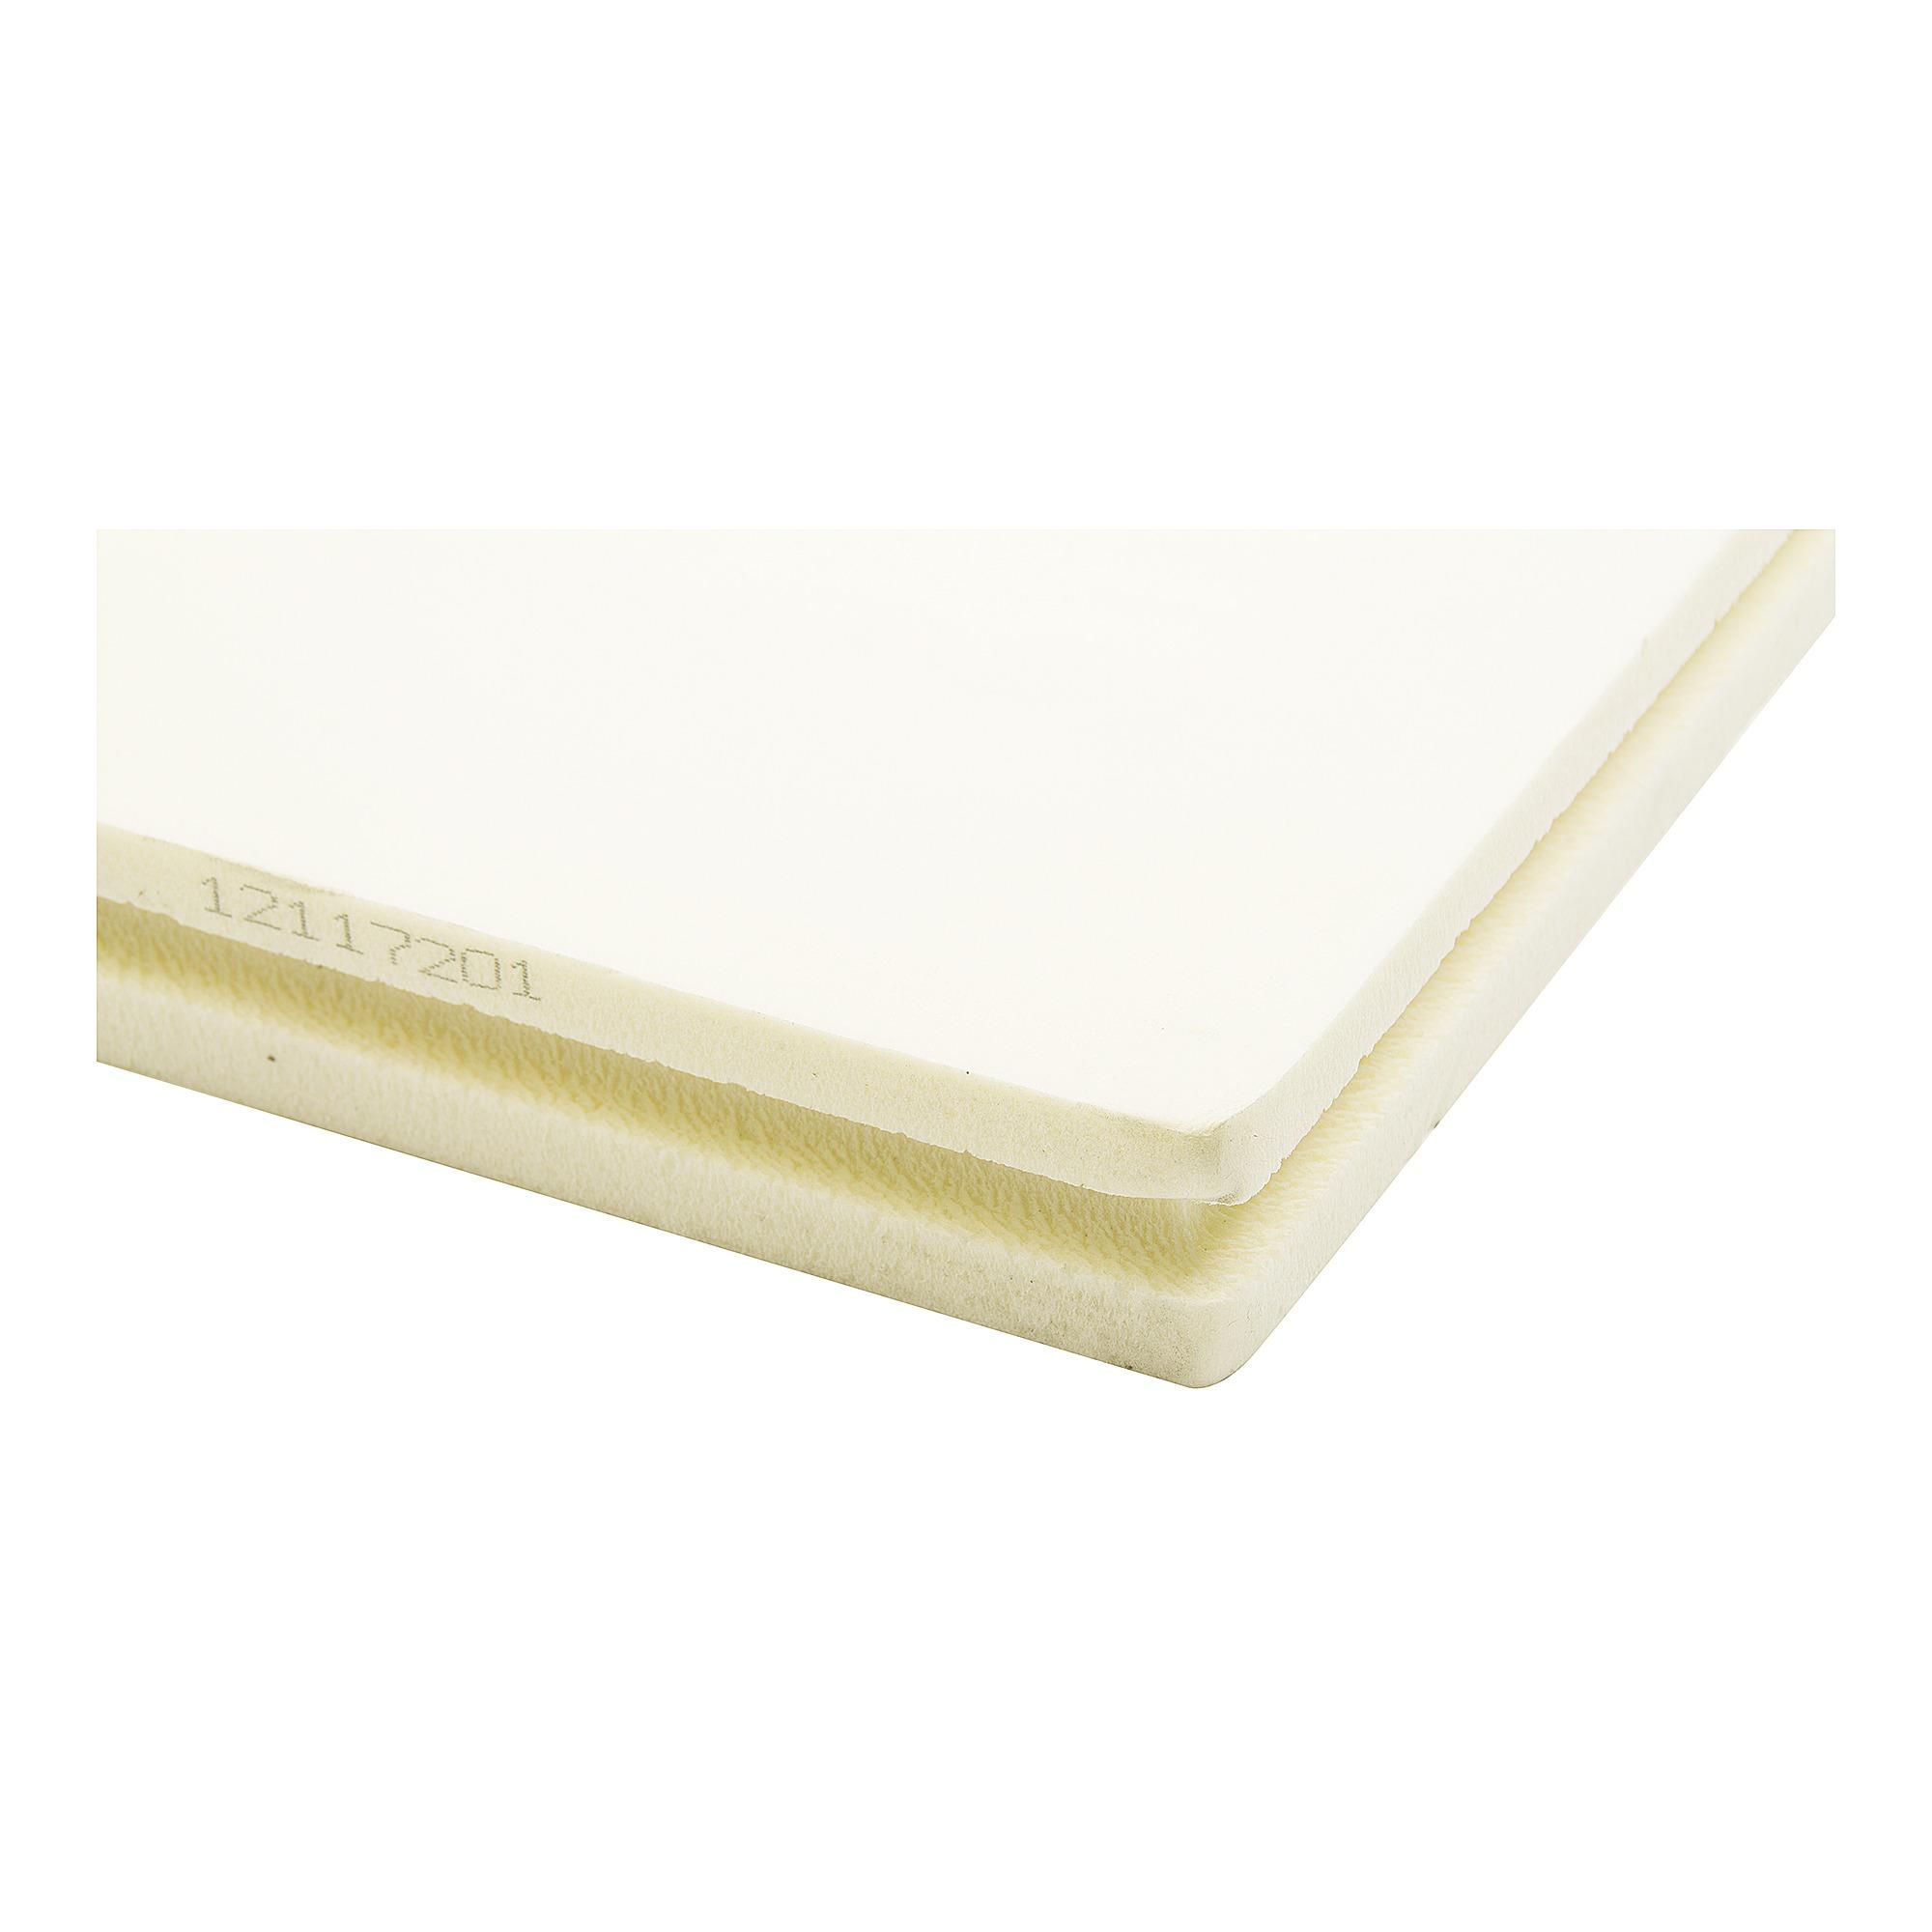 isolatieplaat xps 125x60x4 cm 0 75 m r 1 15 polystyreen polystyreen isolatie. Black Bedroom Furniture Sets. Home Design Ideas